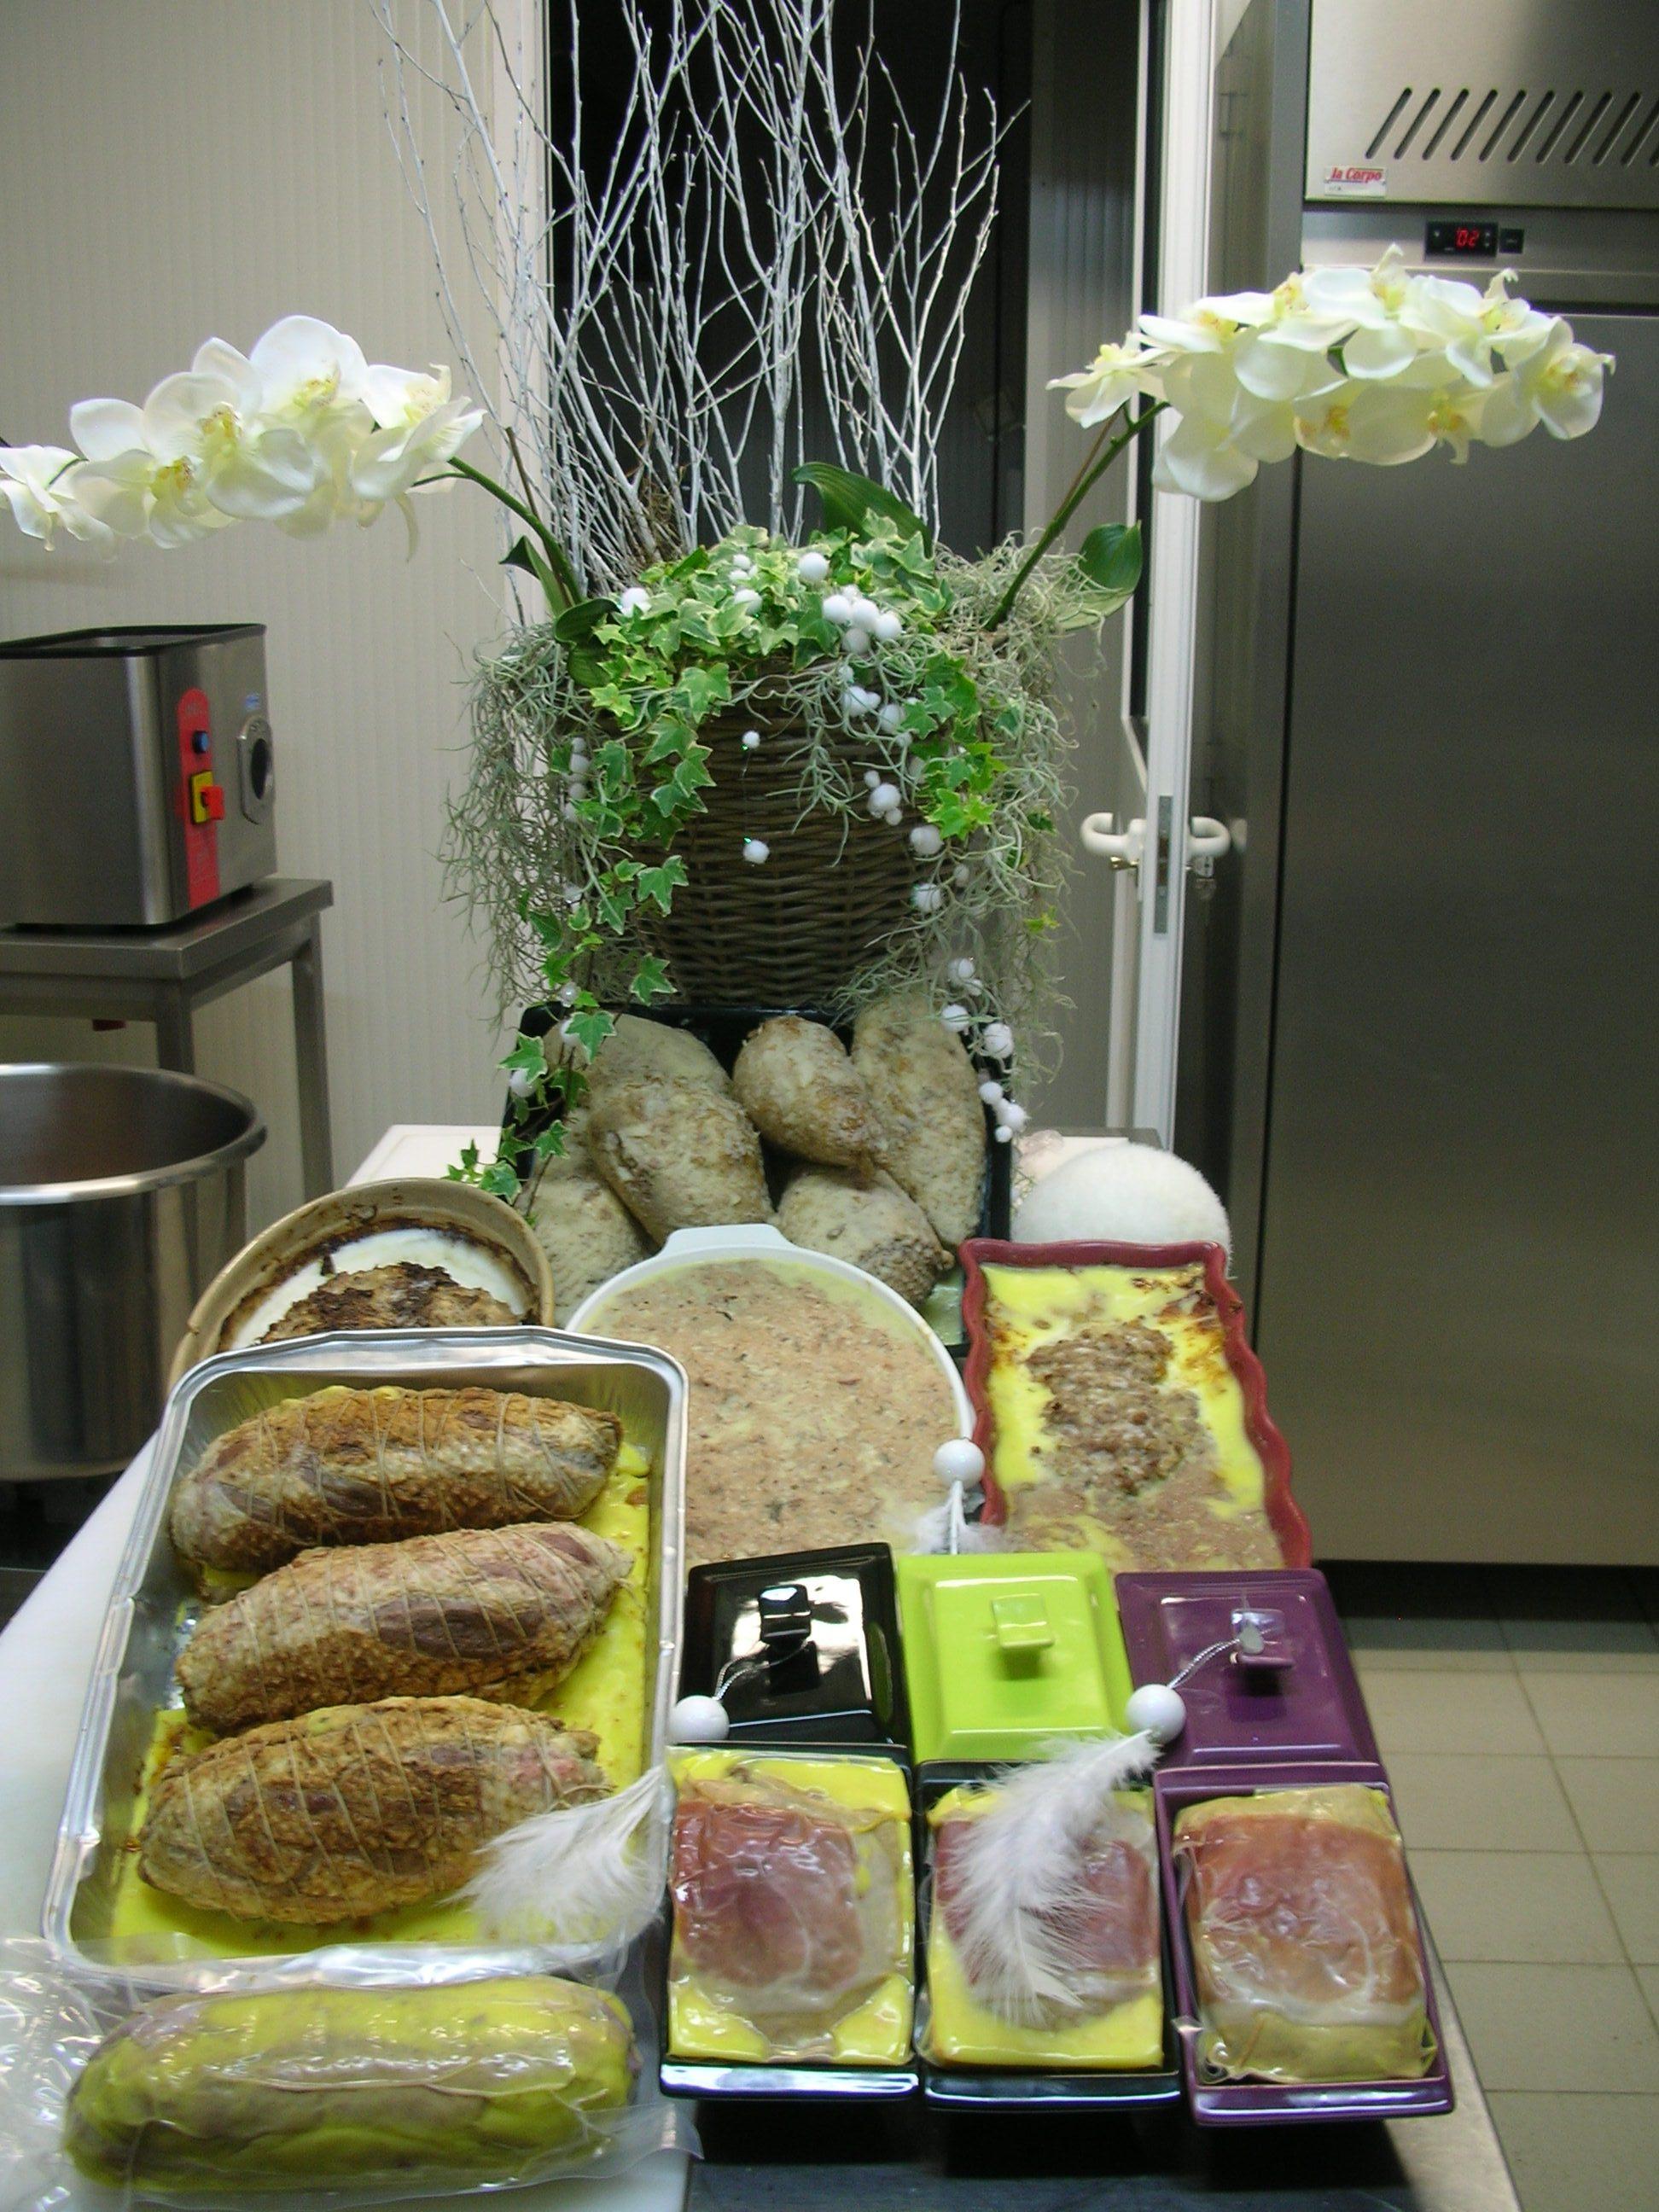 Vente de volaille, Chapon fermier, terrines au foie gras maison